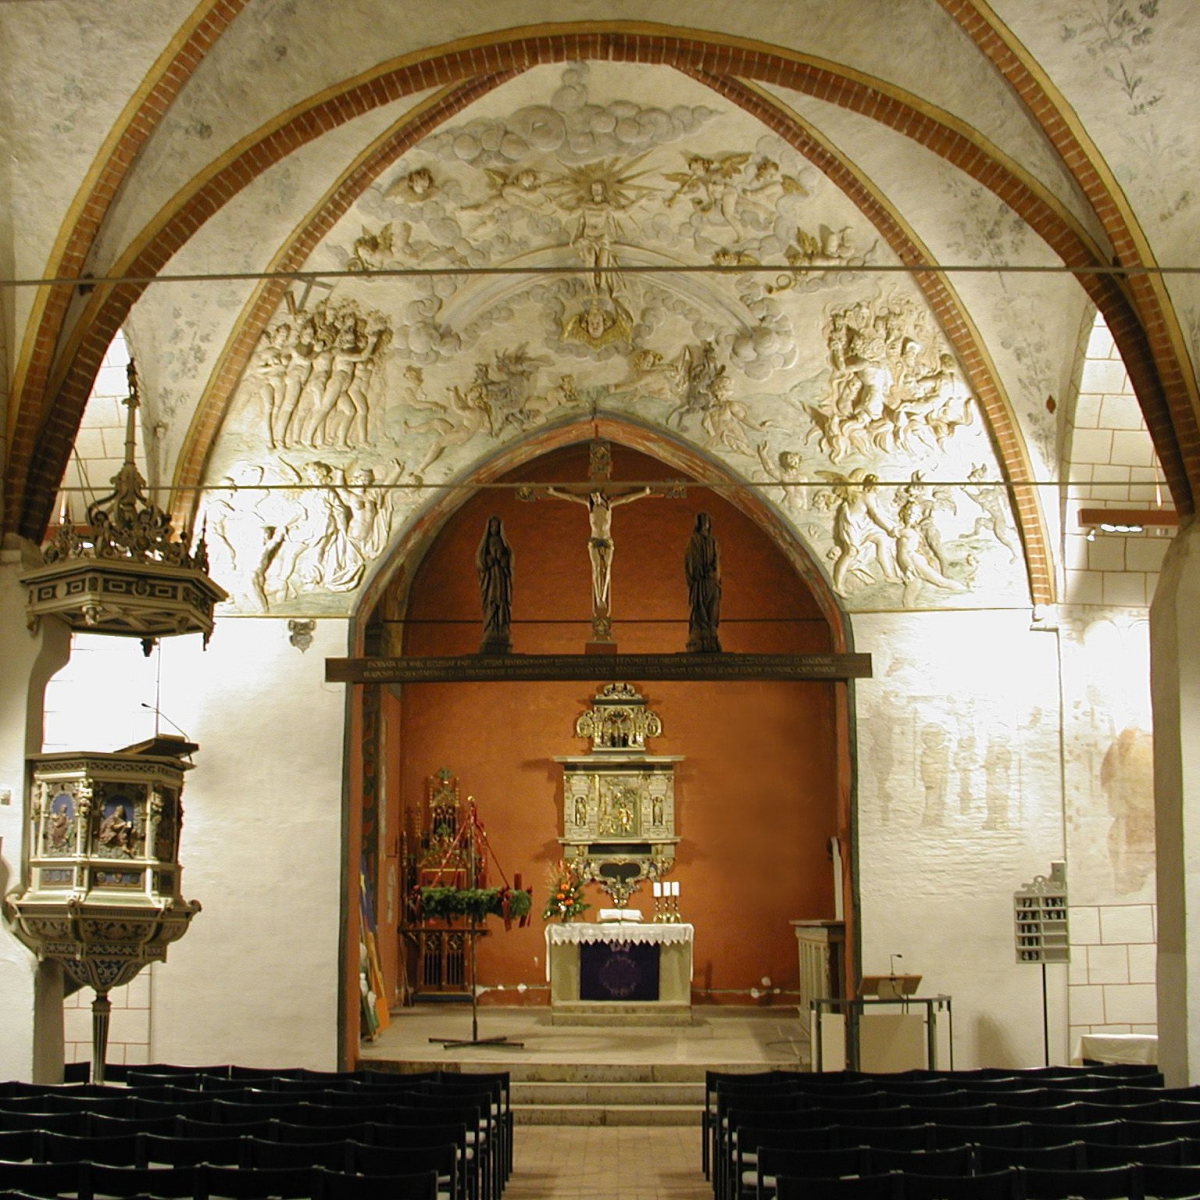 St. Johannis Verden - Beleuchtung eier gotischen Hallenkirche mit LEDs